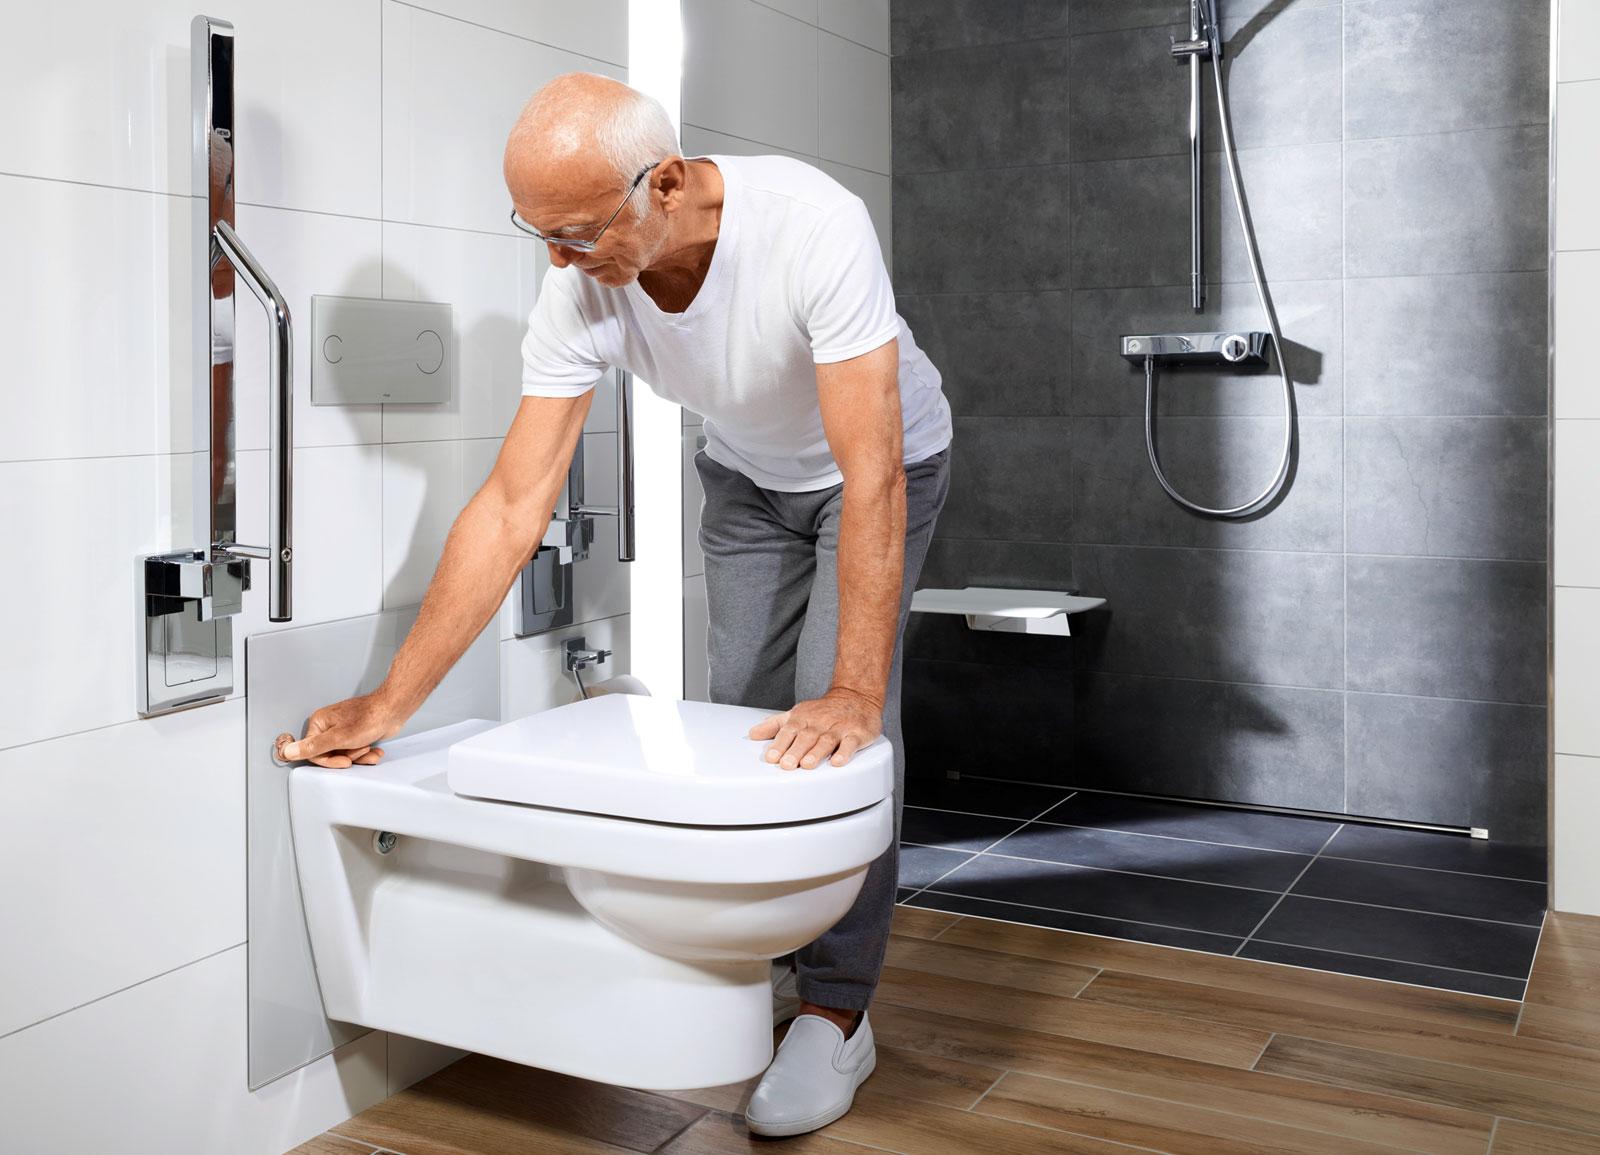 Łazienka dla seniora - rozwiązania sanitarne Viega przystosowane do wieku użytkowników